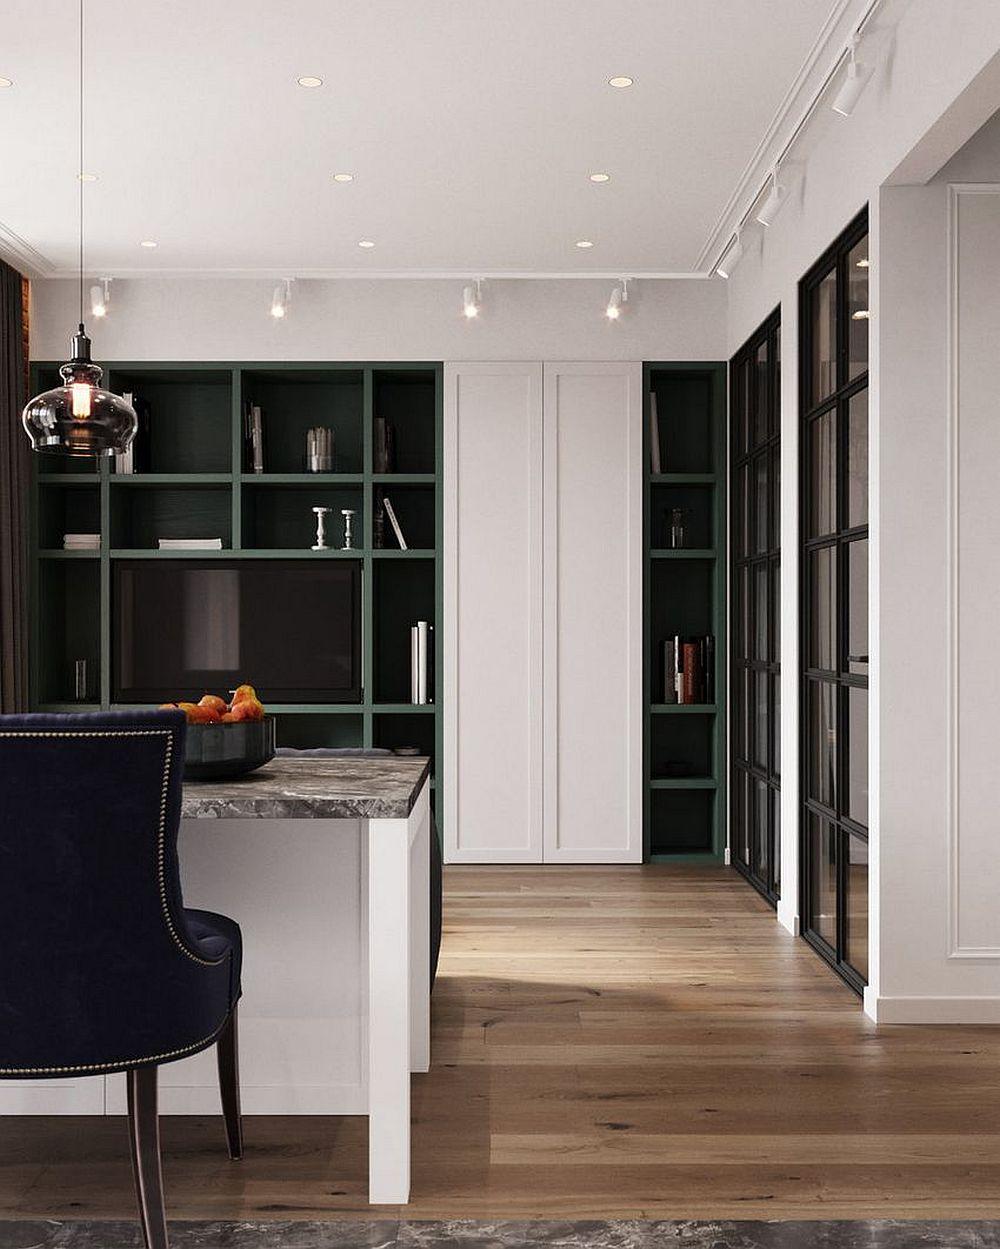 Dinspre bucătărie zona de dormitor abia se simte, totul fiind armonizat la nivel de modele prezente în cameră, culori și dimensiuni. Dulapul alb pare mai degrabă o bucată de perete decorat decât un spațiu de depozitare încadrat de rafturi.